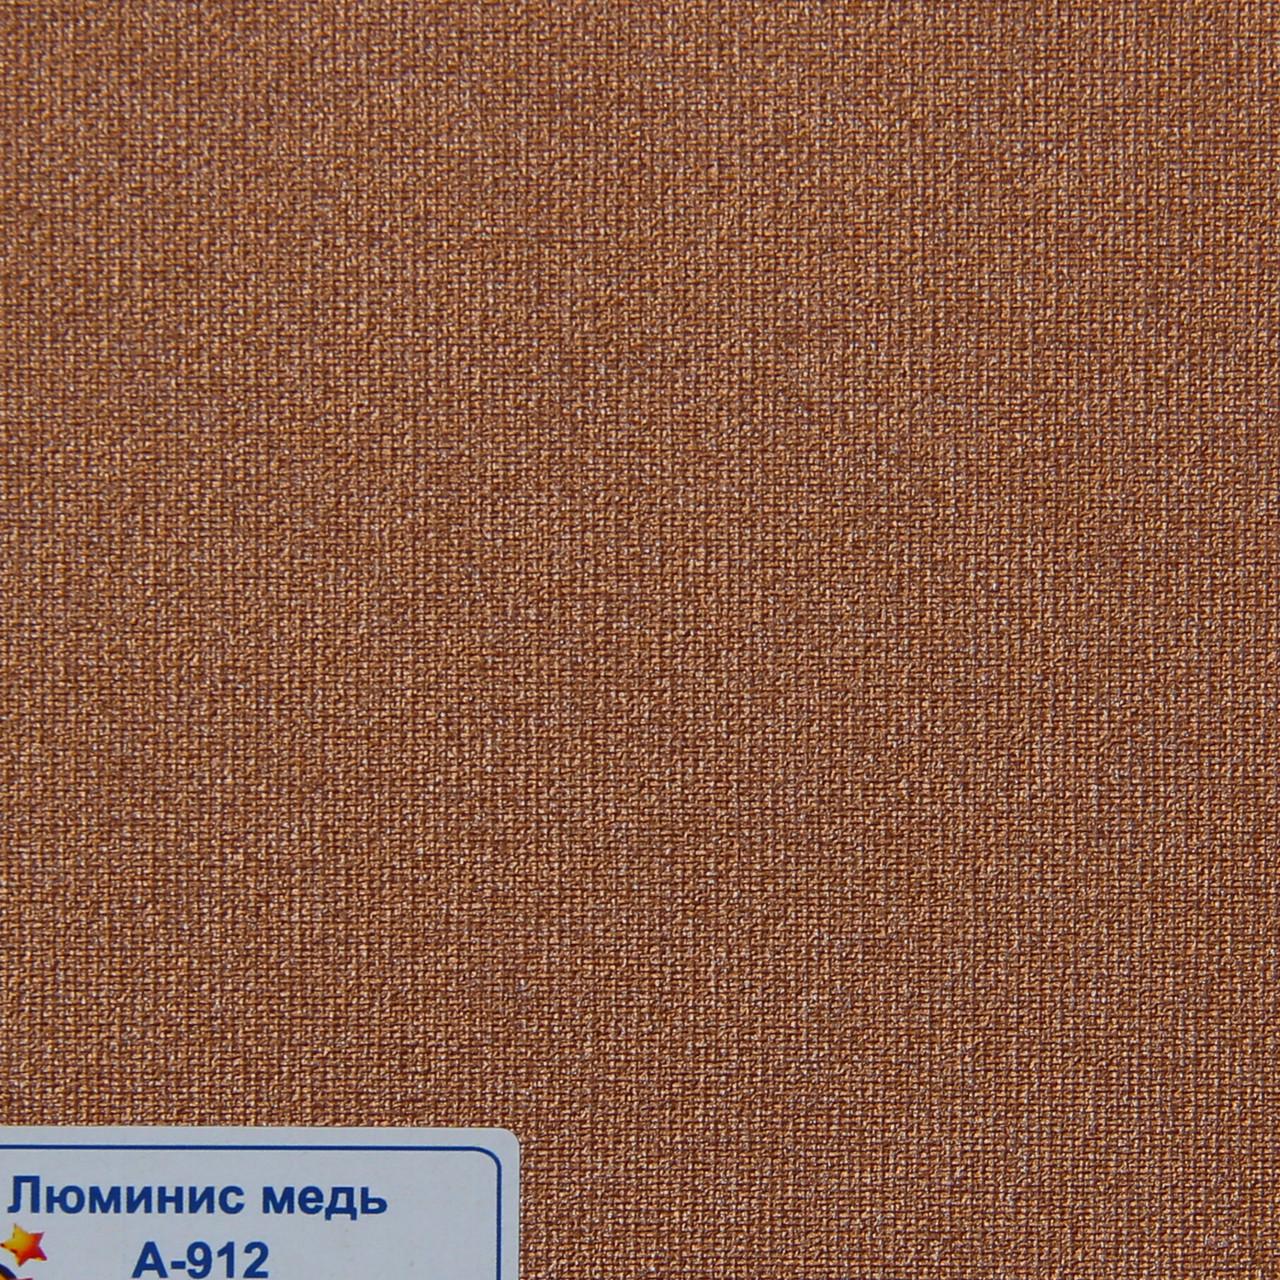 Рулонные шторы Одесса Ткань Люминис Медь А-912